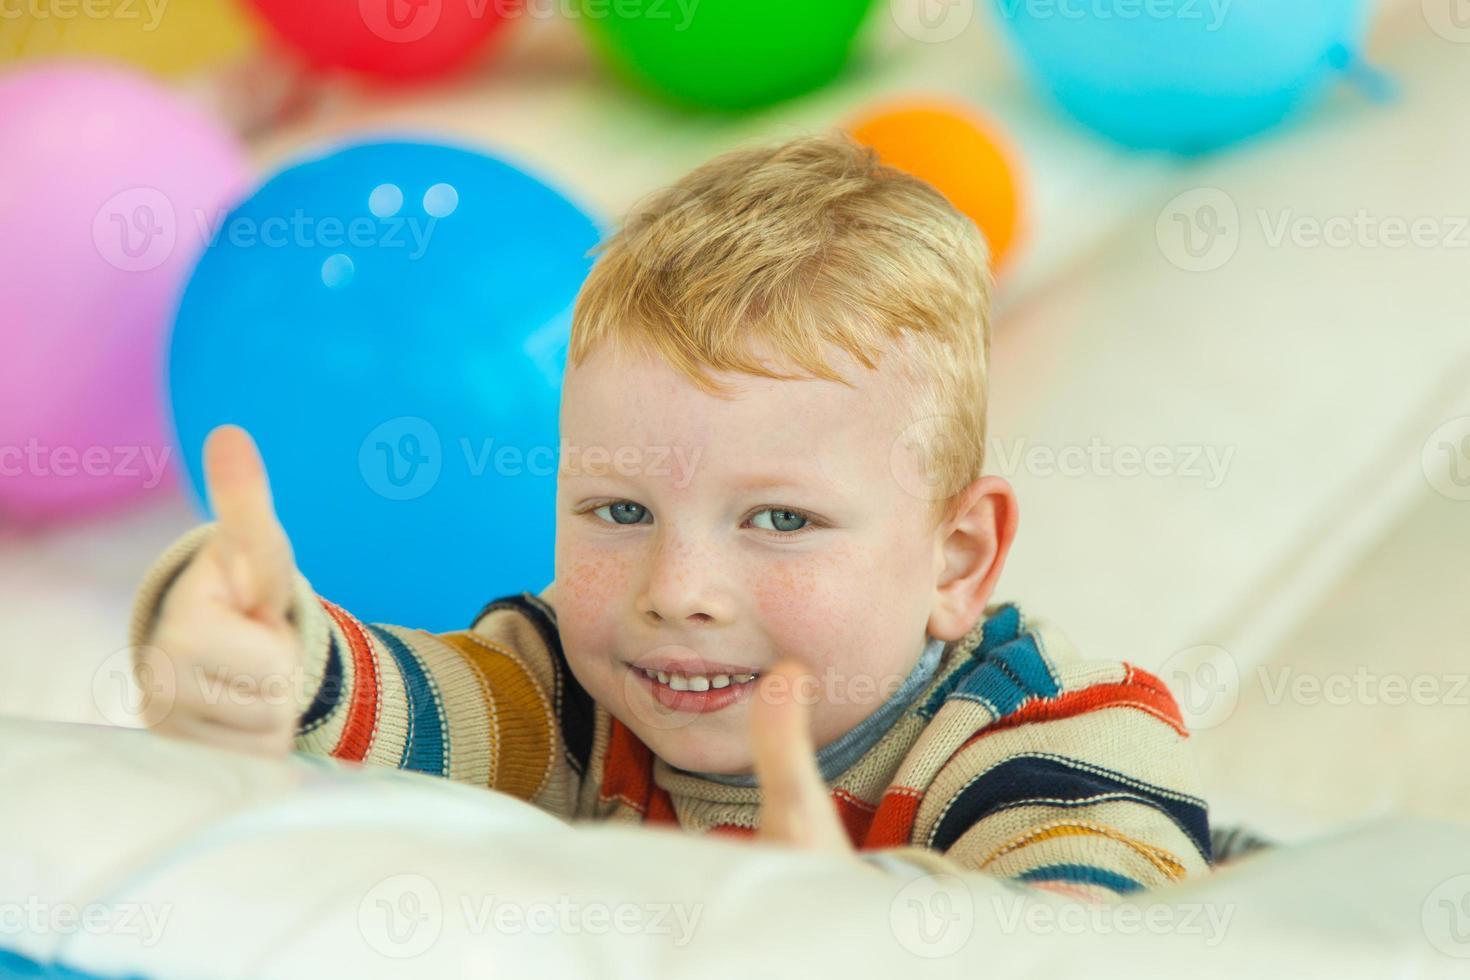 kleine jongen op de vloer liggen omringd door kleurrijke ballonnen foto